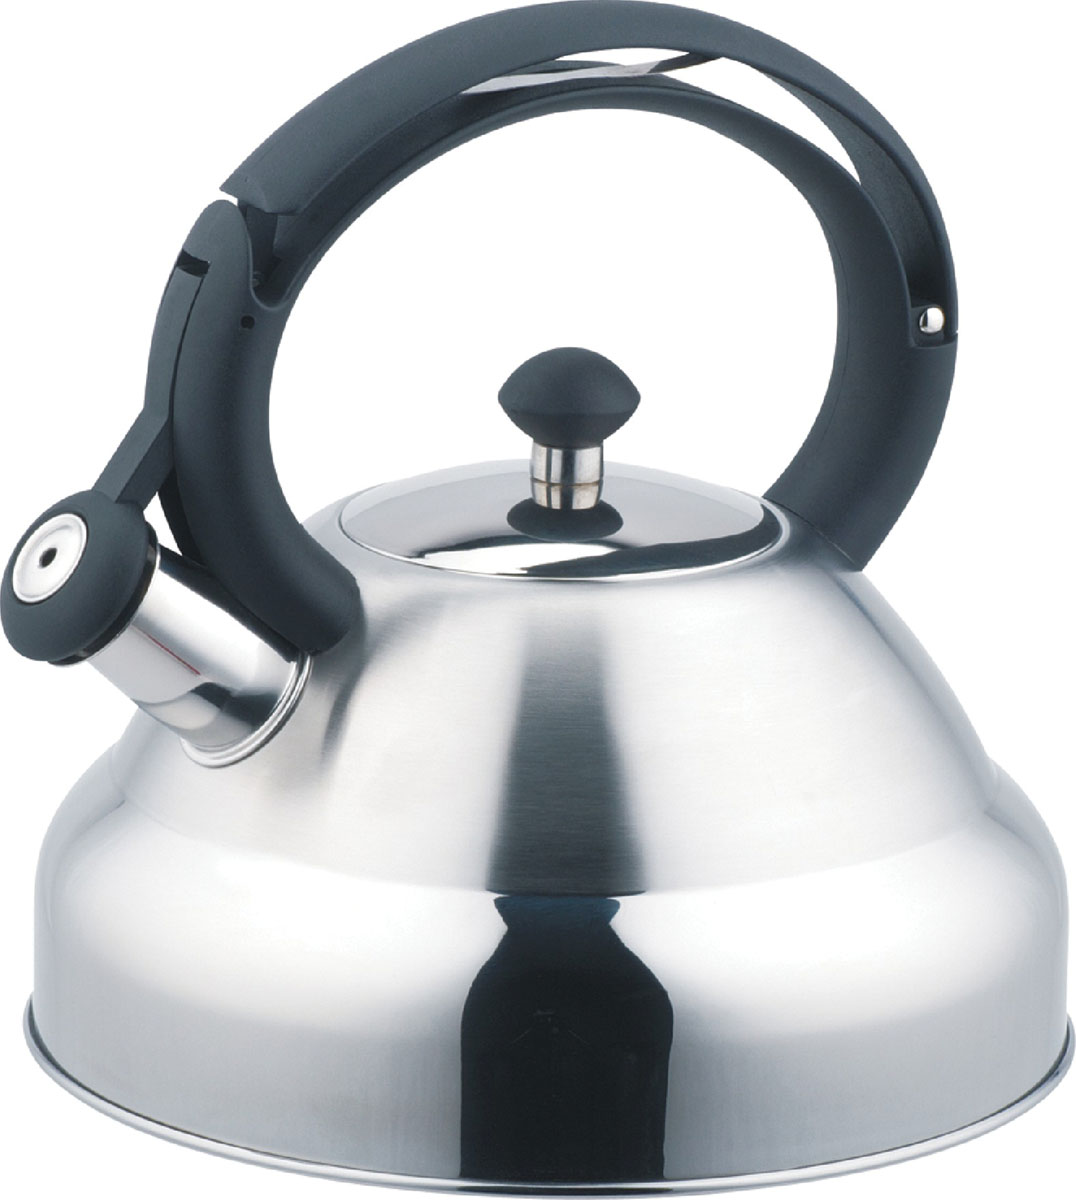 Чайник Bekker De Luxe со свистком, 2,7 л. BK-S403391602Чайник Bekker De Luxe изготовлен из высококачественной нержавеющей стали 18/10. Поверхность матовая с зеркальной полосой внизу. Капсулированное дно распределяет тепло по всей поверхности, что позволяет чайнику быстро закипать. Эргономичная фиксированная ручка выполнена из бакелита черного цвета. Носик оснащен откидным свистком, который подскажет, когда вода закипела. Свисток открывается и закрывается нажатием кнопки на рукоятке. Подходит для всех типов плит, включая индукционные. Можно мыть мыть в посудомоечной машине.